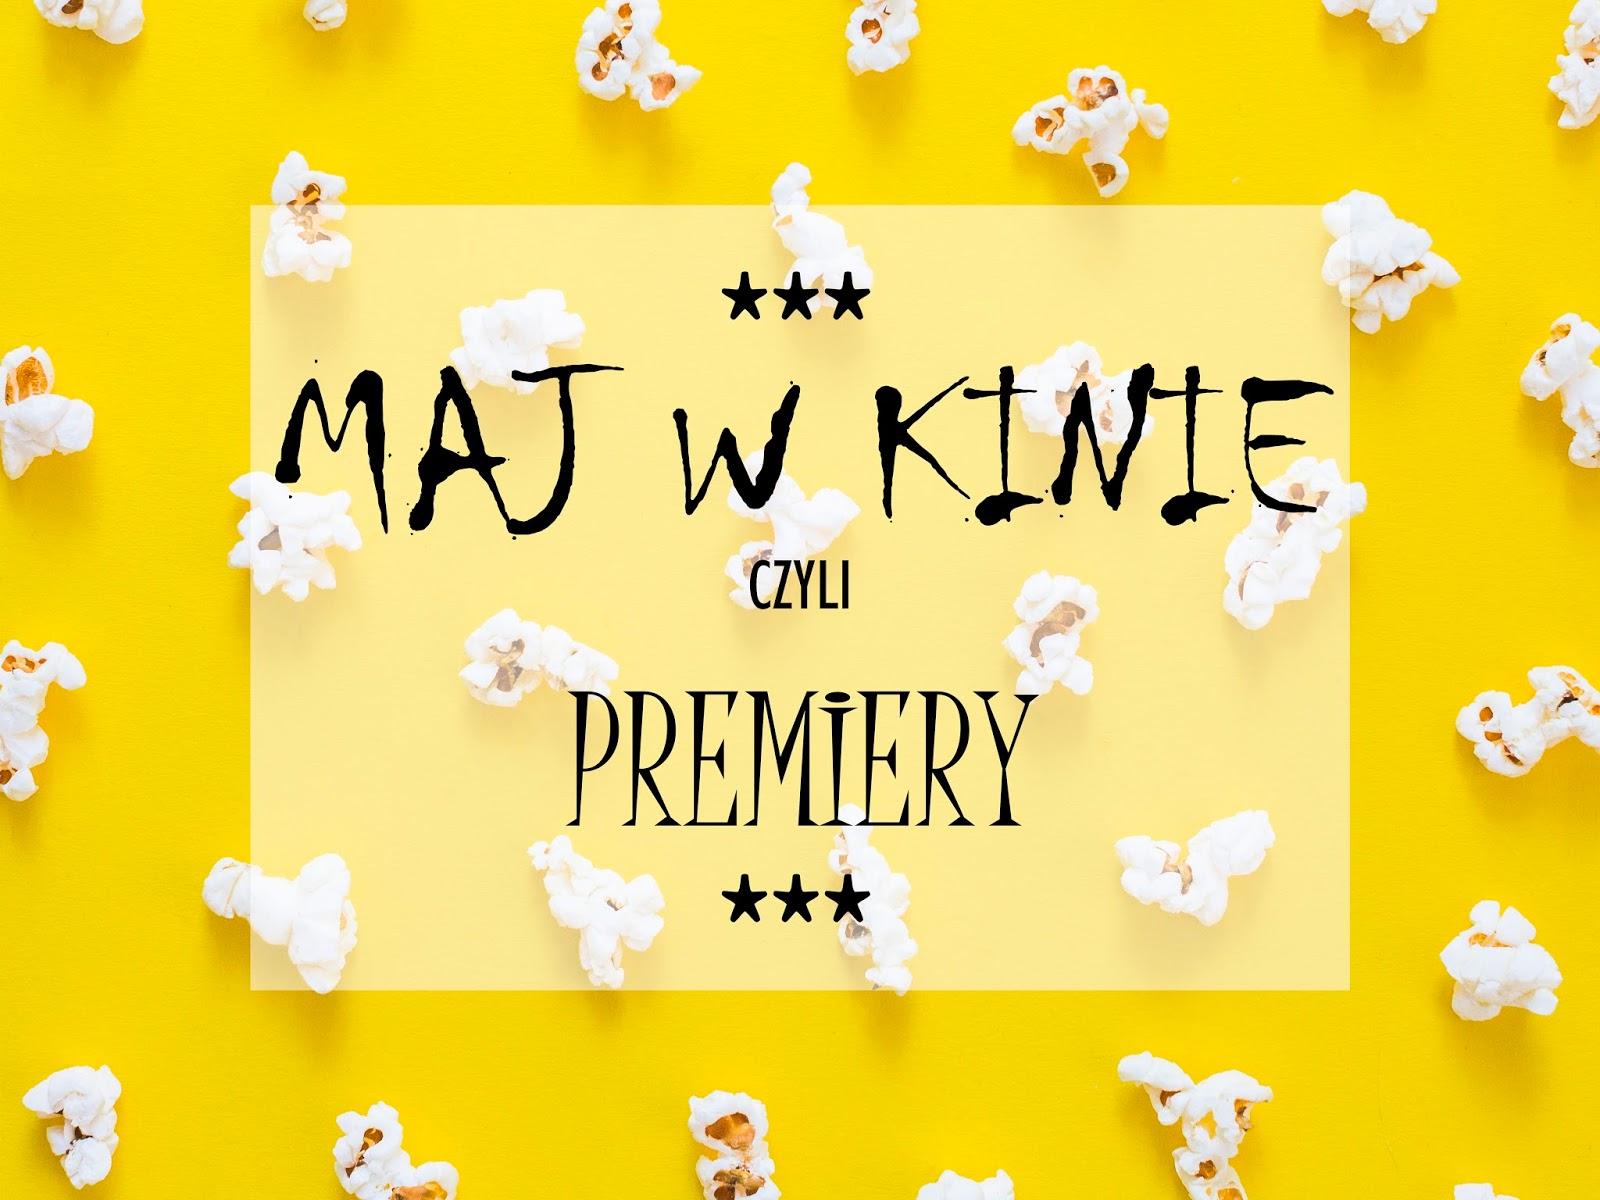 Premiery kinowe - Maj 2018